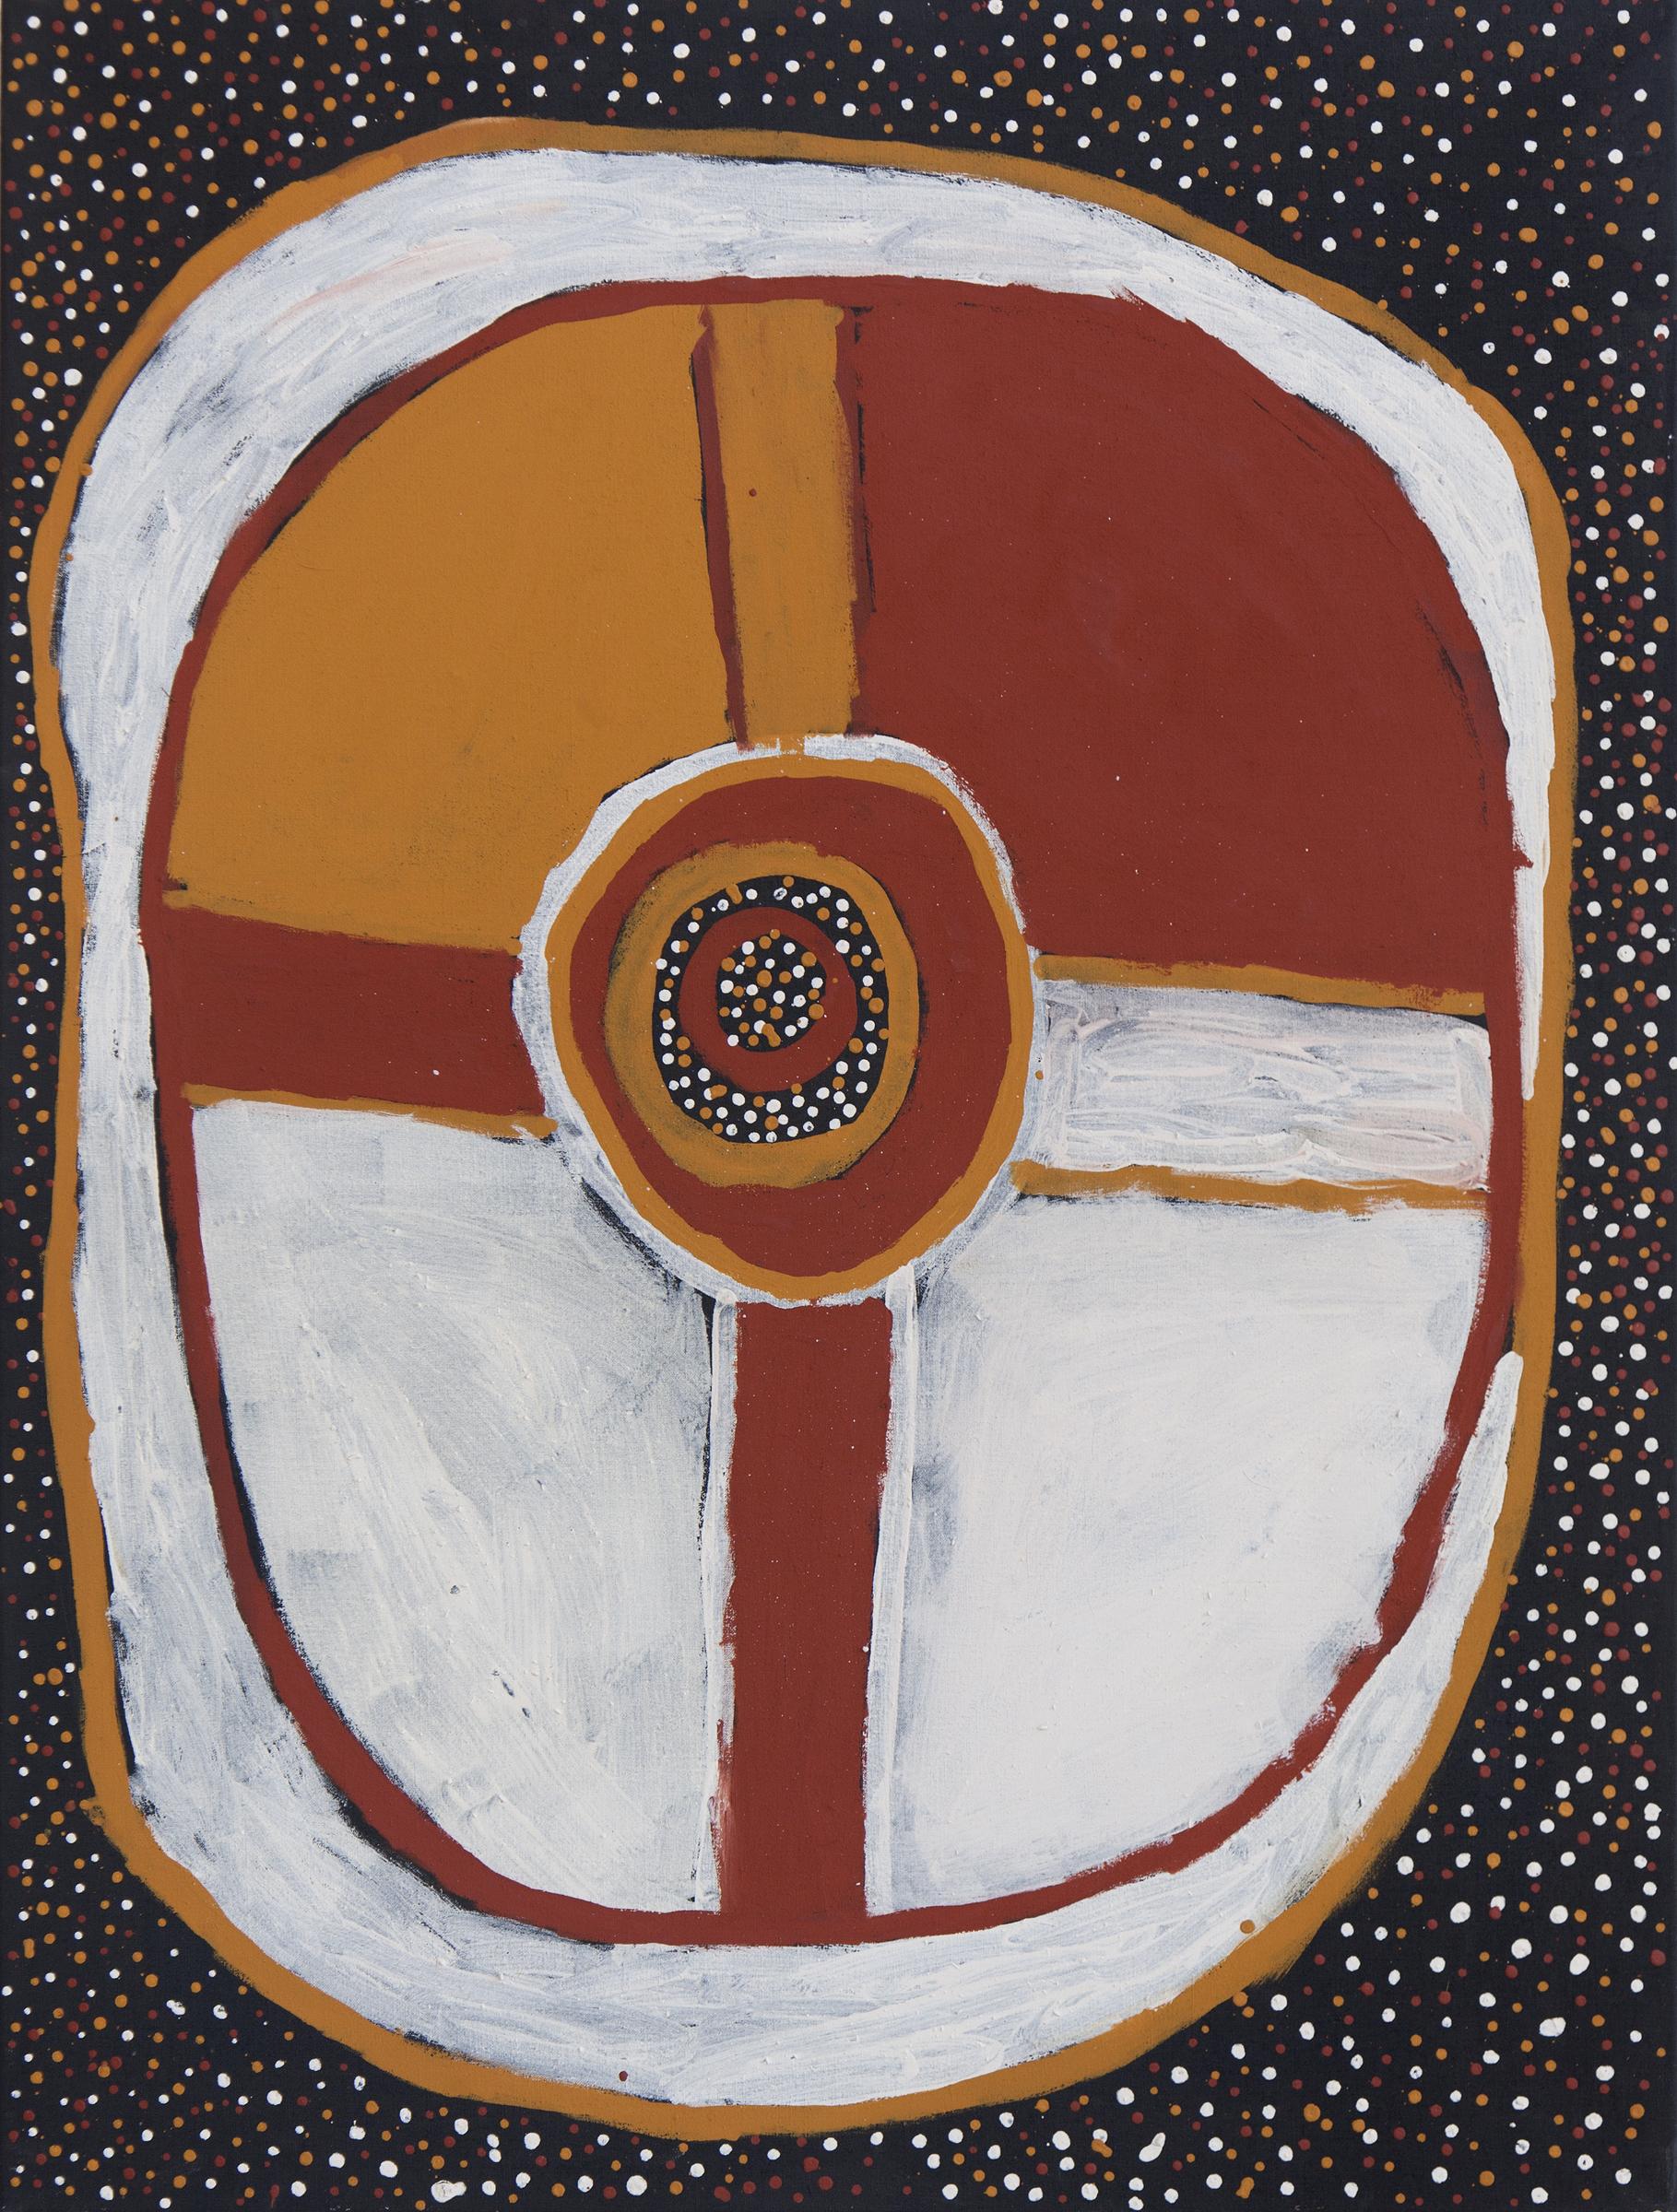 Kulama, 2012  natural earth pigments on linen 47 x 35 inches (120 x 90 cm)  Jilamara Jilamara Arts & Crafts Catalog #609-12     EMAIL INQUIRY